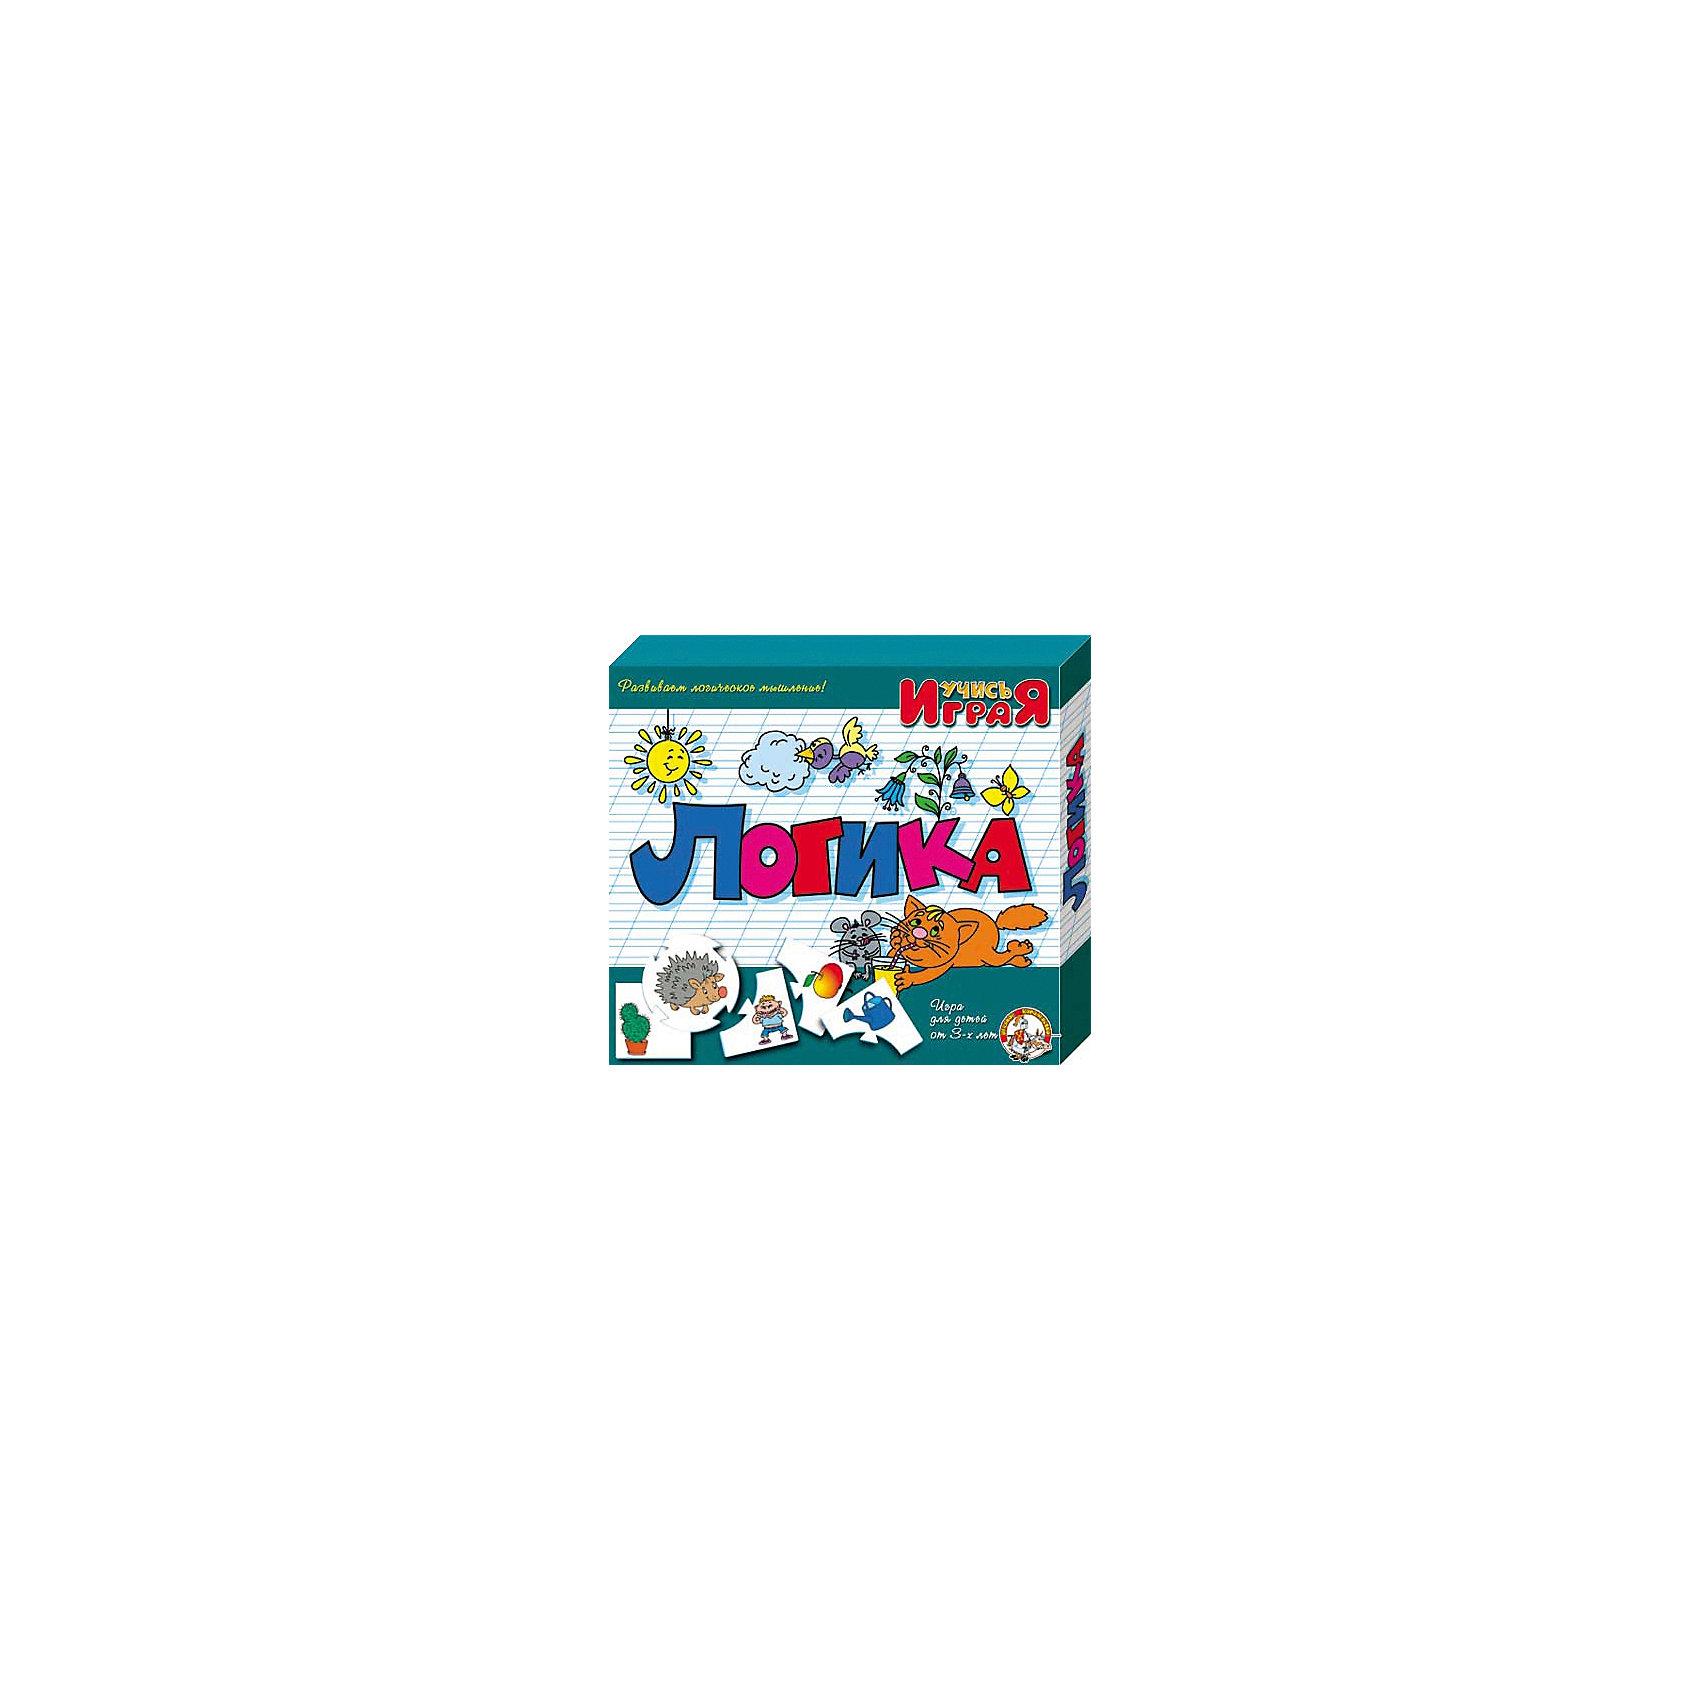 Игра обучающая  Логика, Десятое королевствоРазвивающие игры<br>Игра обучающая Логика, Десятое королевство<br><br>Характеристики:<br><br>• Возраст: от 3 лет<br>• Количество игроков: от 1 до 10<br>• В комплекте: 10 карточек заданий, 4 карточки с ответами<br><br>В этой увлекательной обучающей игре могут участвовать одновременно от 1 до 10 детей! В наборе содержатся 10 карточек-заданий, на которых изображены рисунки. К каждой необходимо найти 4 карточки-ответа, чтобы дополнить их содержание. В процессе игры дети работают над мелкой моторикой и расширяют свои знания и представления об окружающем мире.<br><br>Игра обучающая Логика, Десятое королевство можно купить в нашем интернет-магазине.<br><br>Ширина мм: 230<br>Глубина мм: 200<br>Высота мм: 35<br>Вес г: 230<br>Возраст от месяцев: 84<br>Возраст до месяцев: 2147483647<br>Пол: Унисекс<br>Возраст: Детский<br>SKU: 5471698